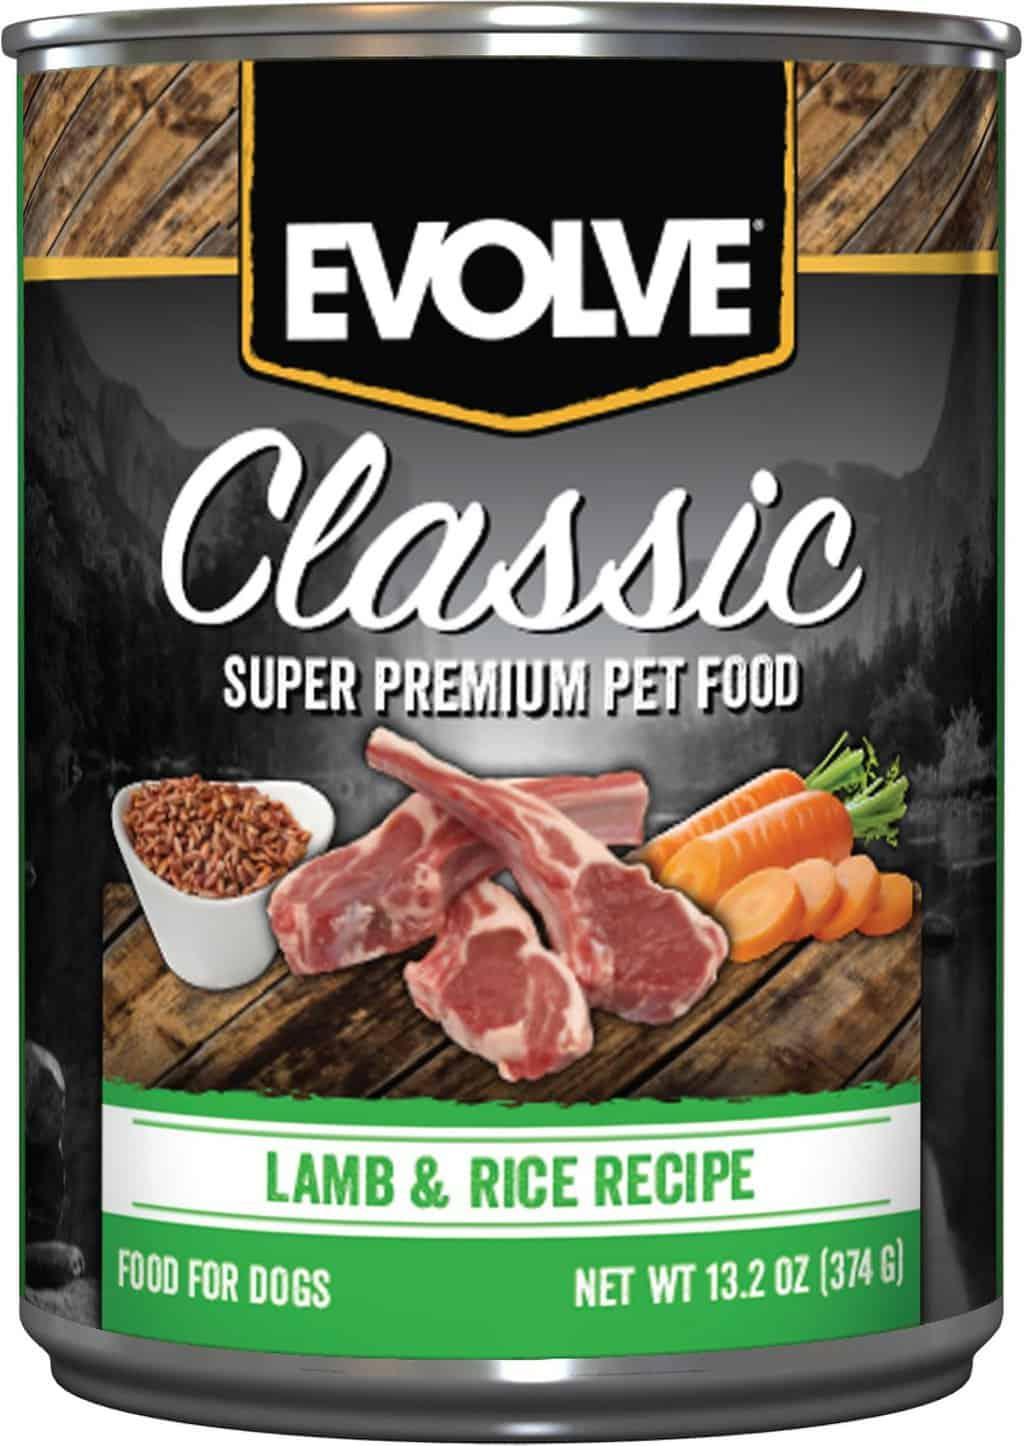 Evolve Dog Food Review 2021: Best Affordable, Premium Pet Food? 24